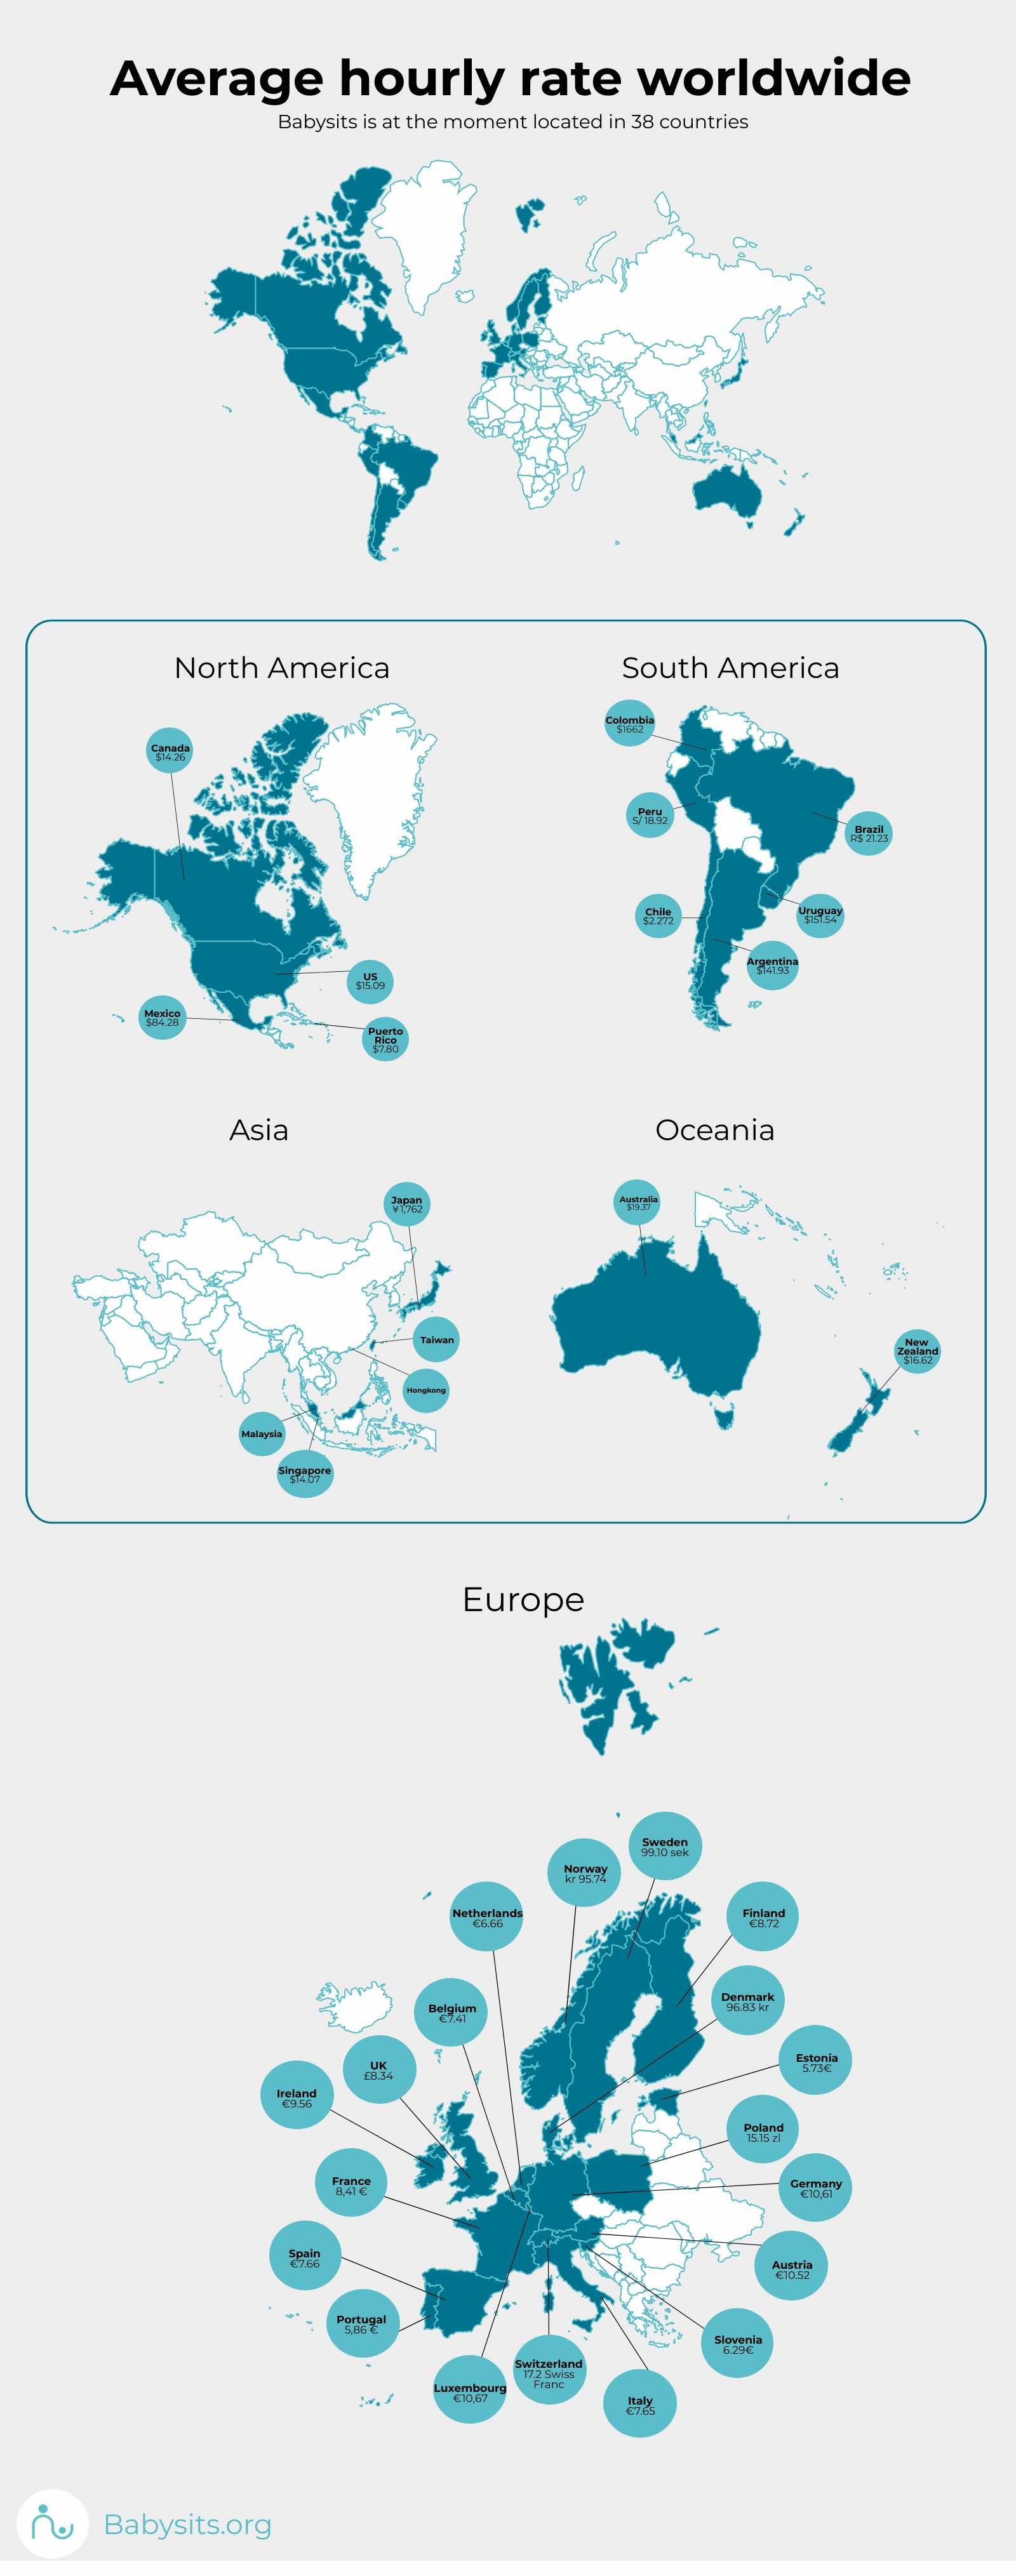 Average babysitting rates worldwide